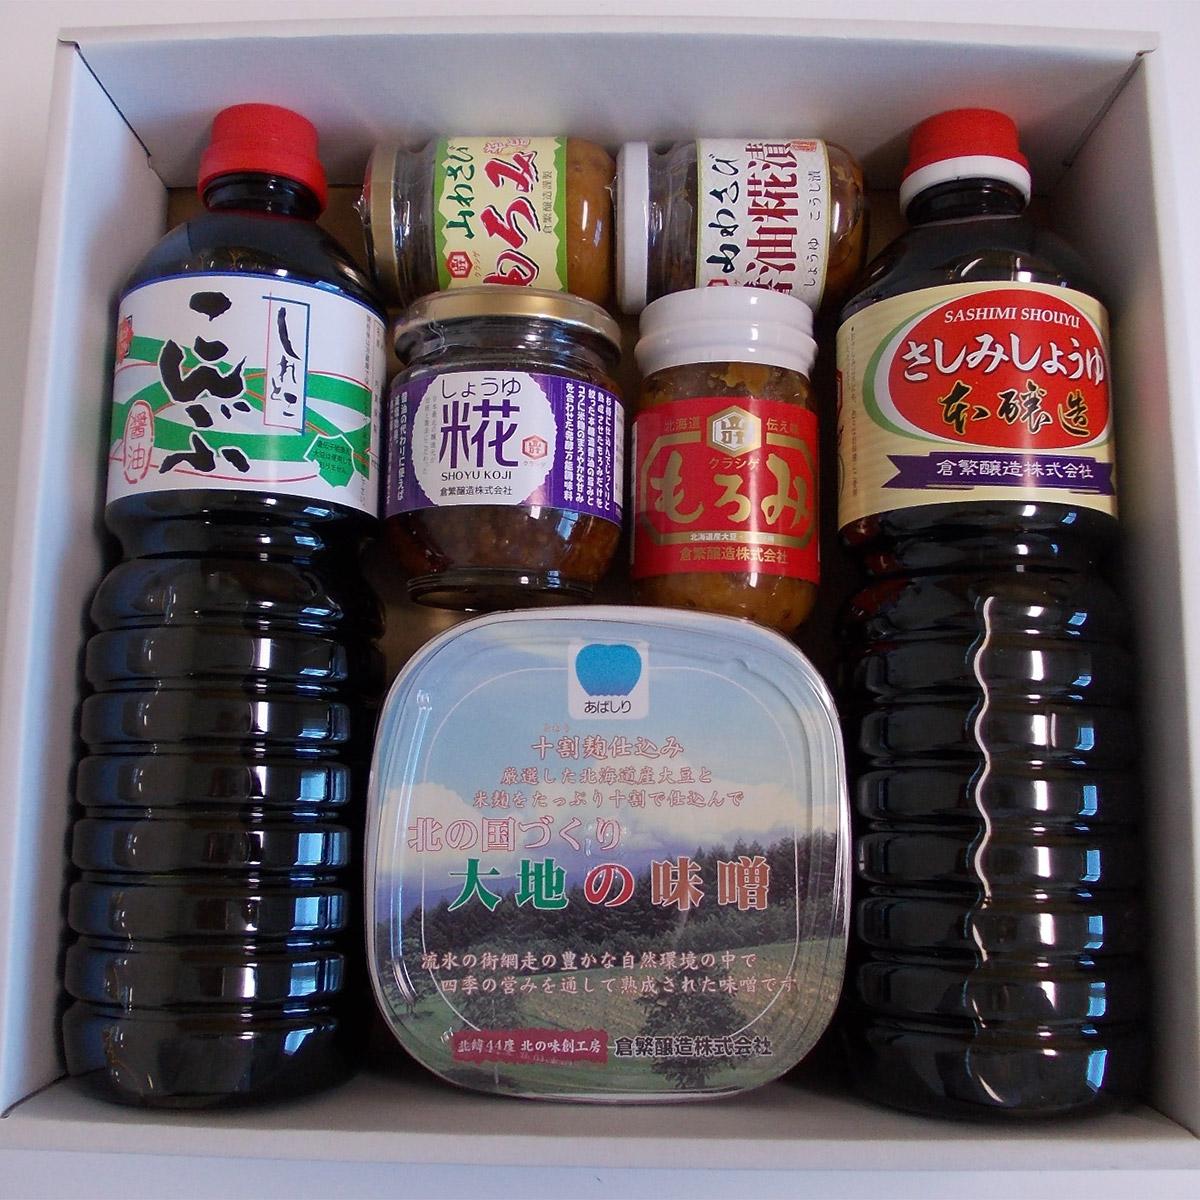 【ふるさと納税】日本最北醸造元の調味料セット ふるさとの味便り